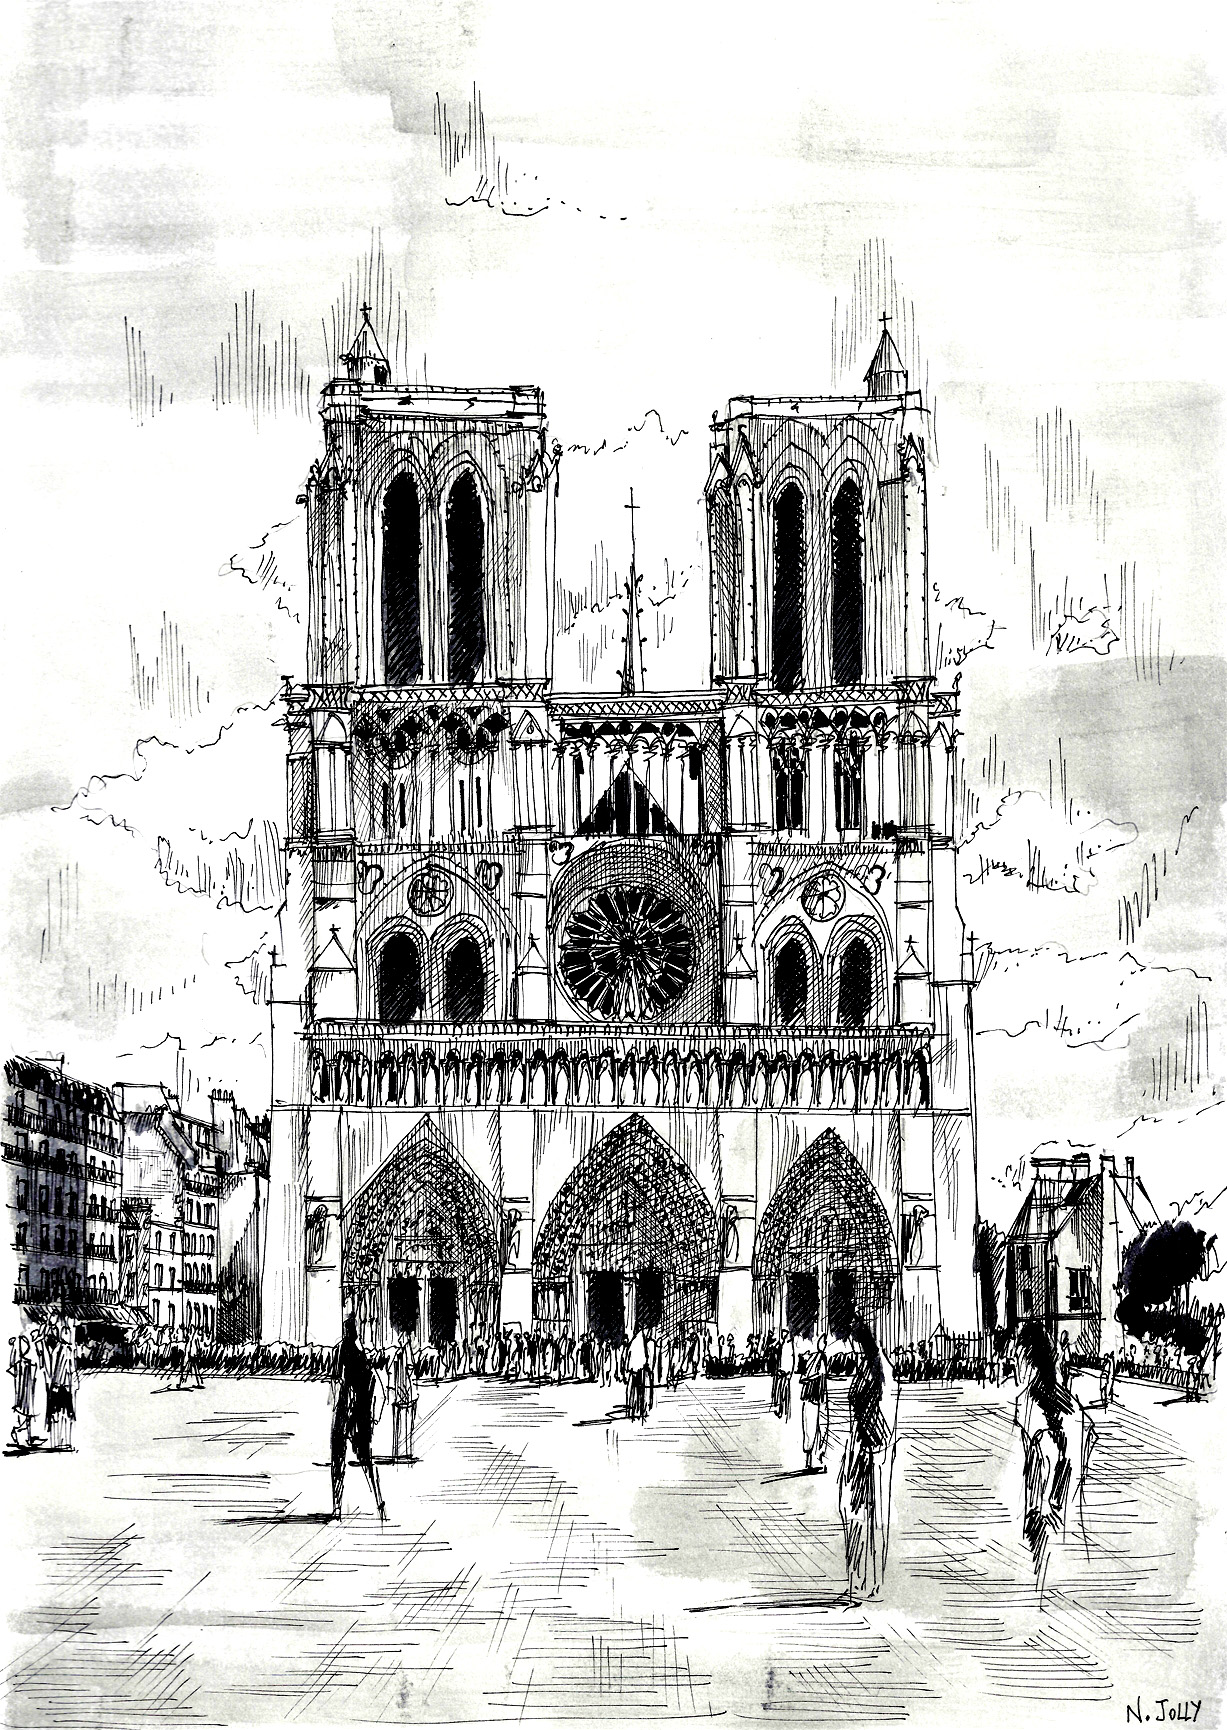 Magnifique dessin de Notre Dame de Paris, à colorier détail par détail, ou même à peindre !A partir de la galerie : Paris